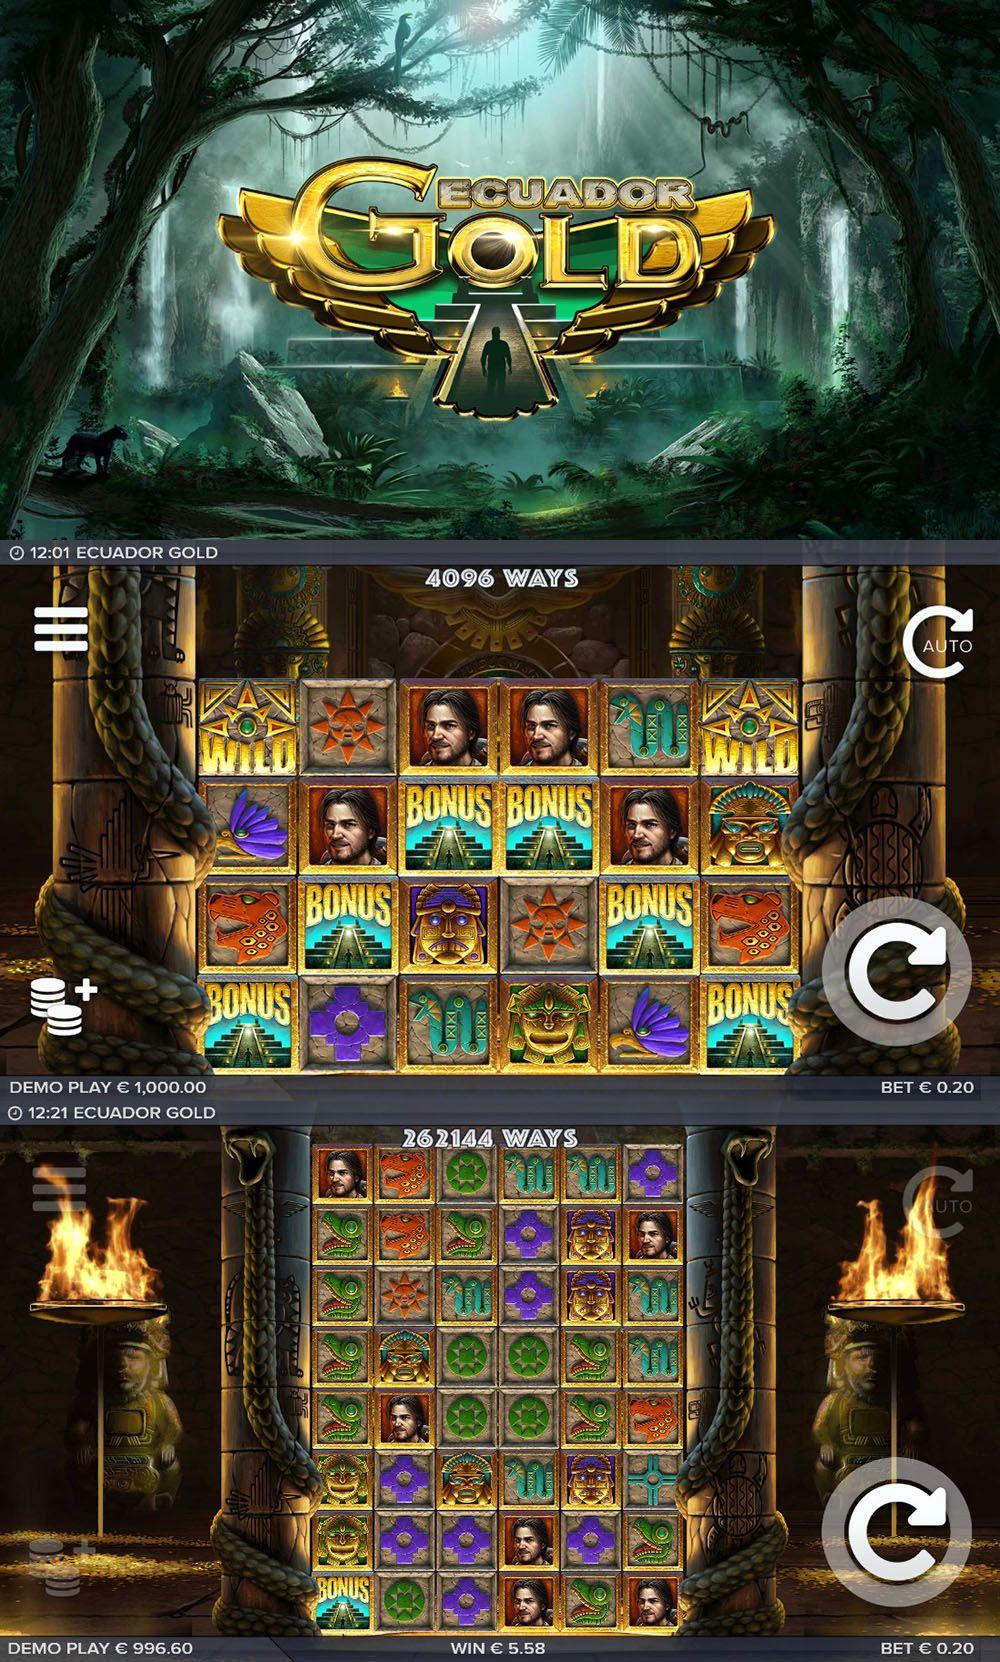 бесплатных 100 вращений казино онлайн